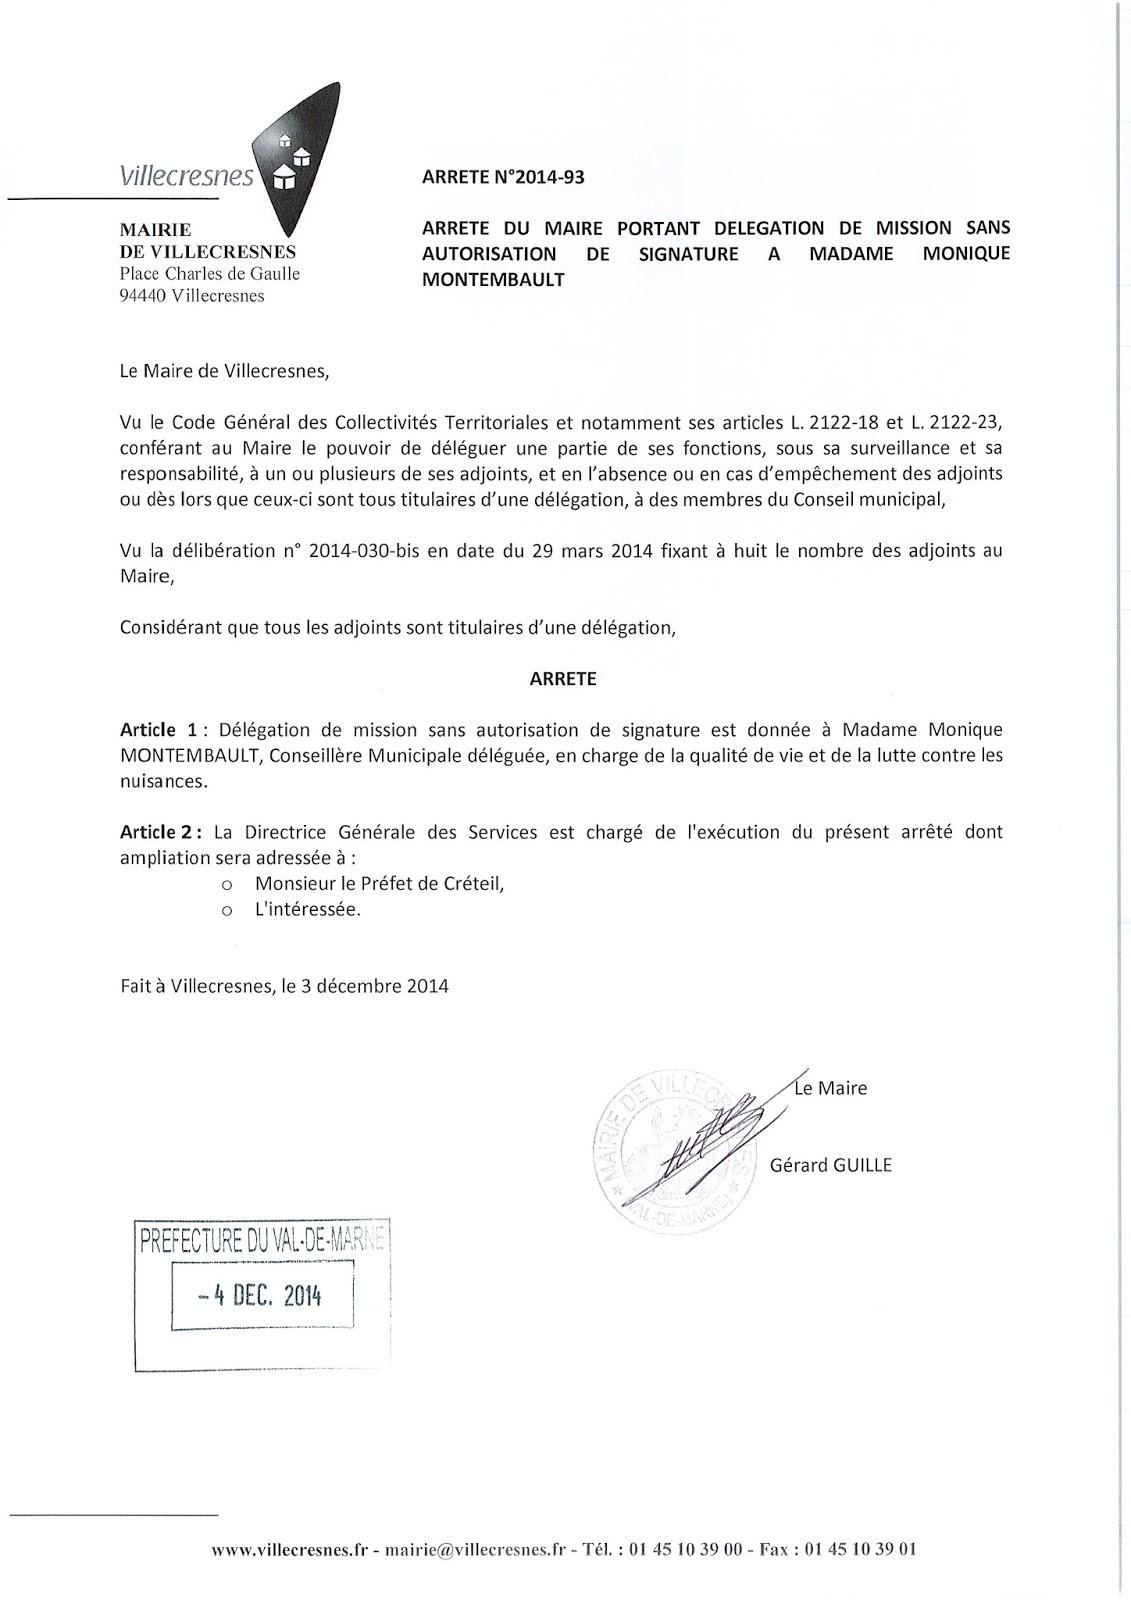 2014-093 Délégation de fonction mission sans autorisation de signature à Madame Monique Montembault